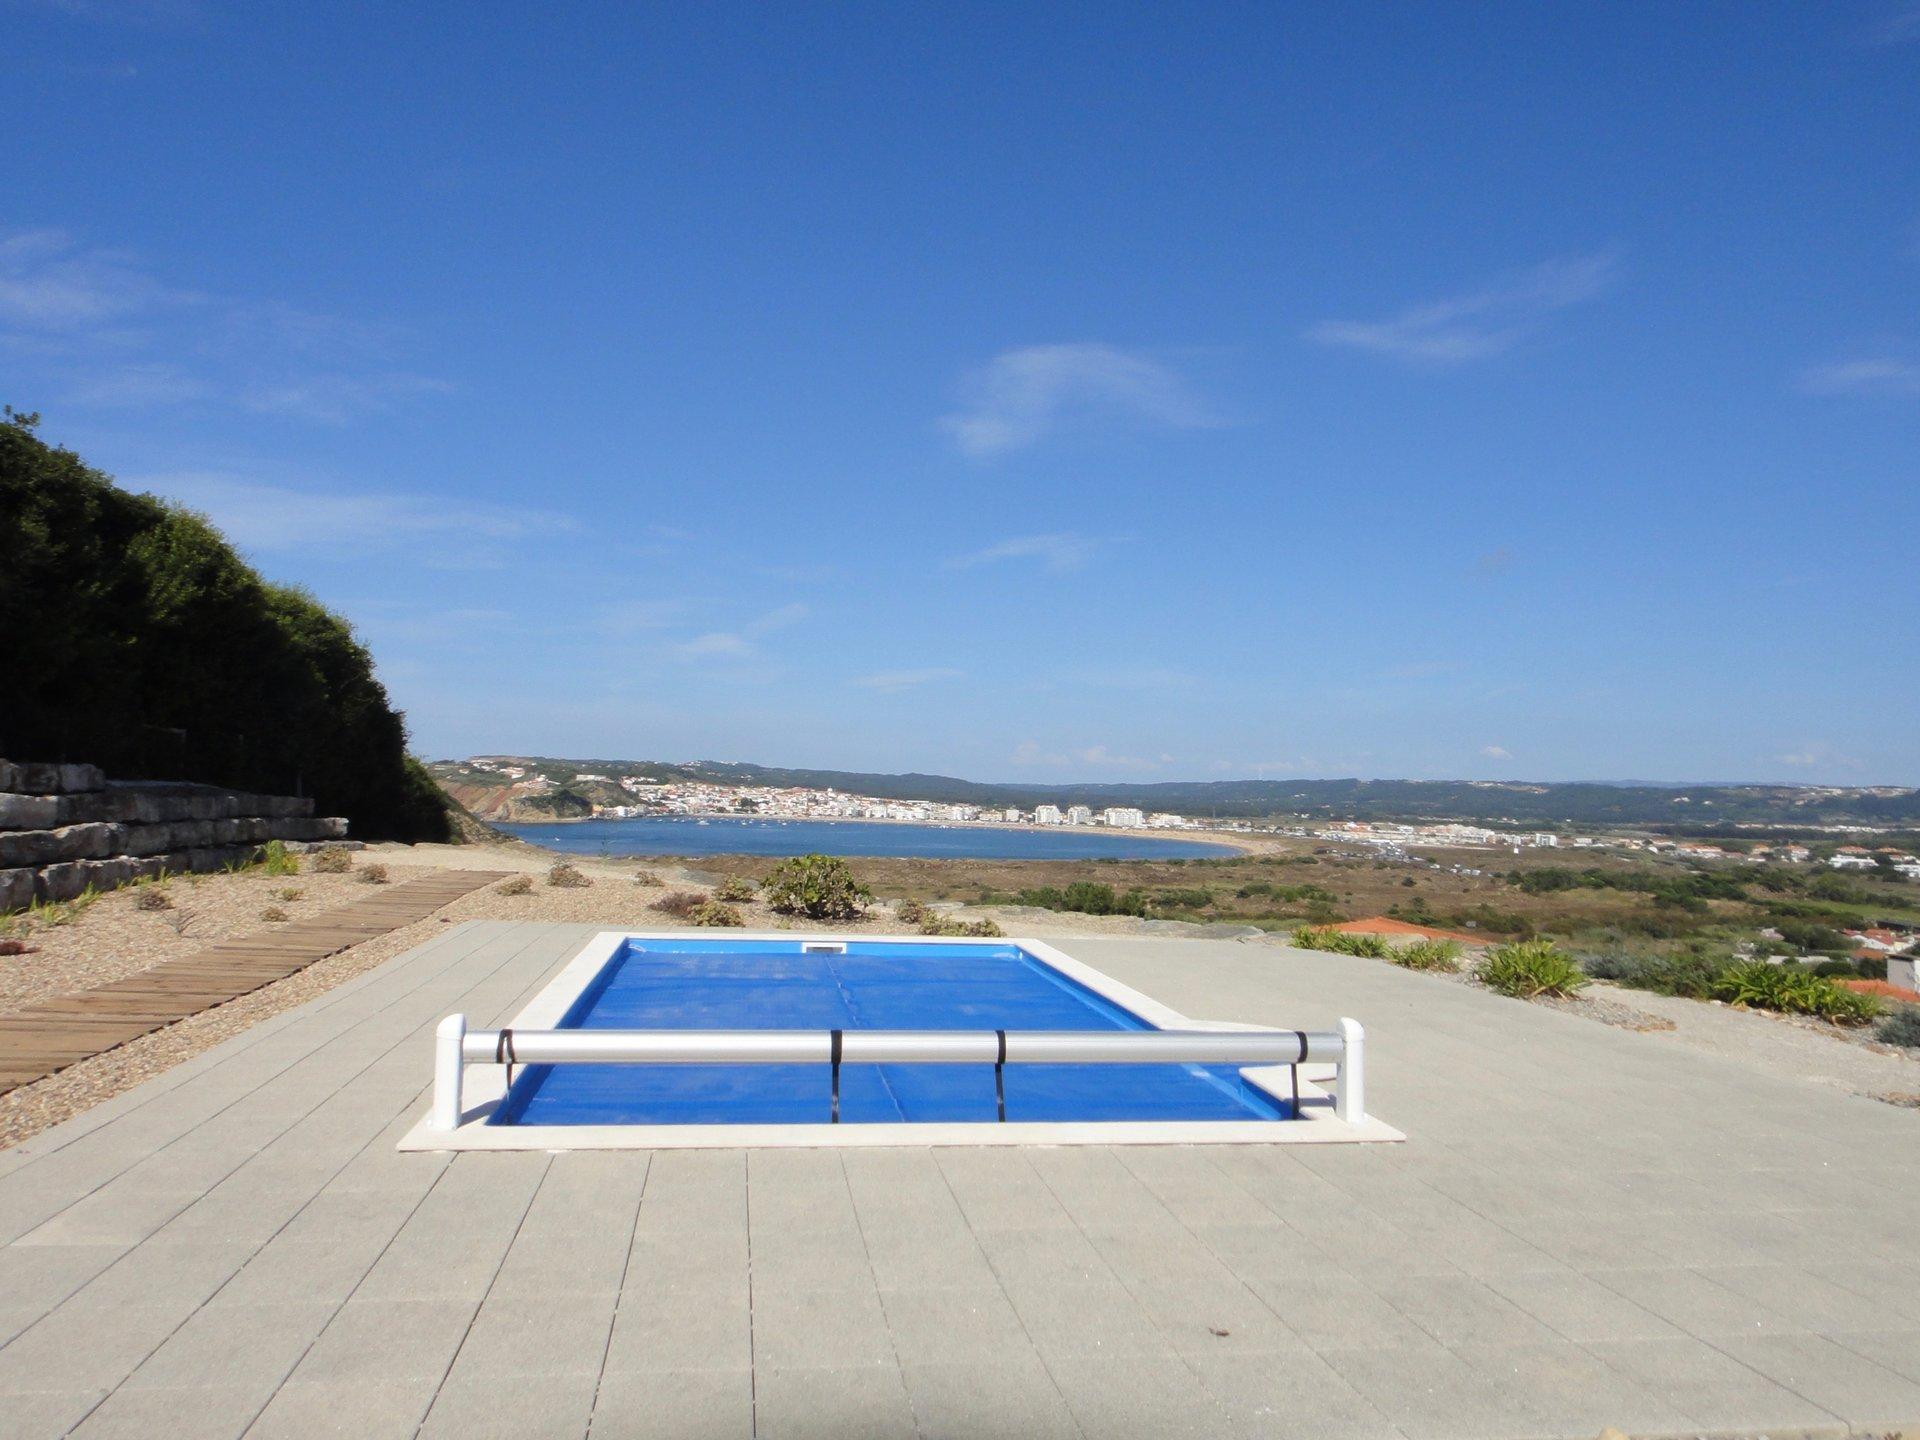 4 Bedroom Villa Sao Martinho do Porto, Silver Coast Ref: AV2130